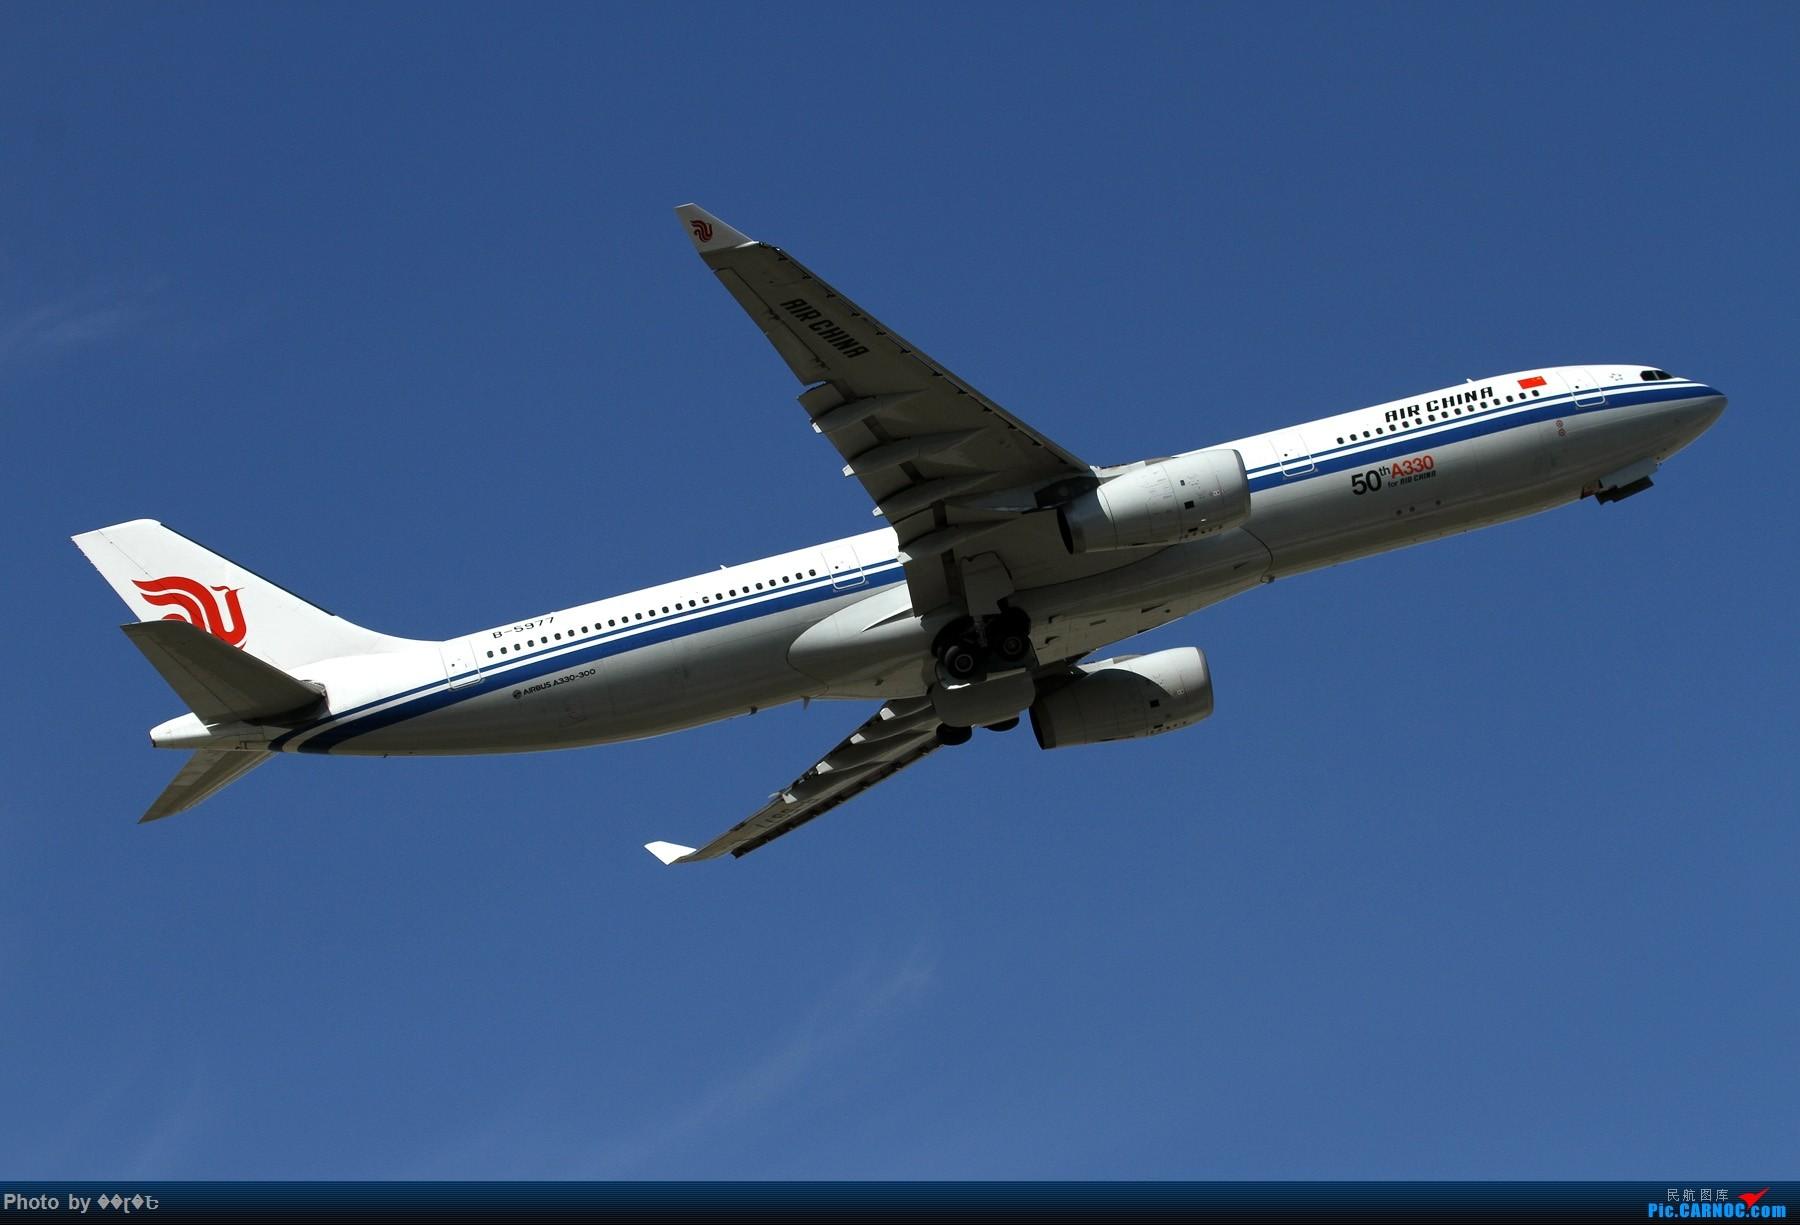 [原创]腾空而起的国航空客333,B-5977。 AIRBUS A330-300 B-5977 中国北京首都国际机场